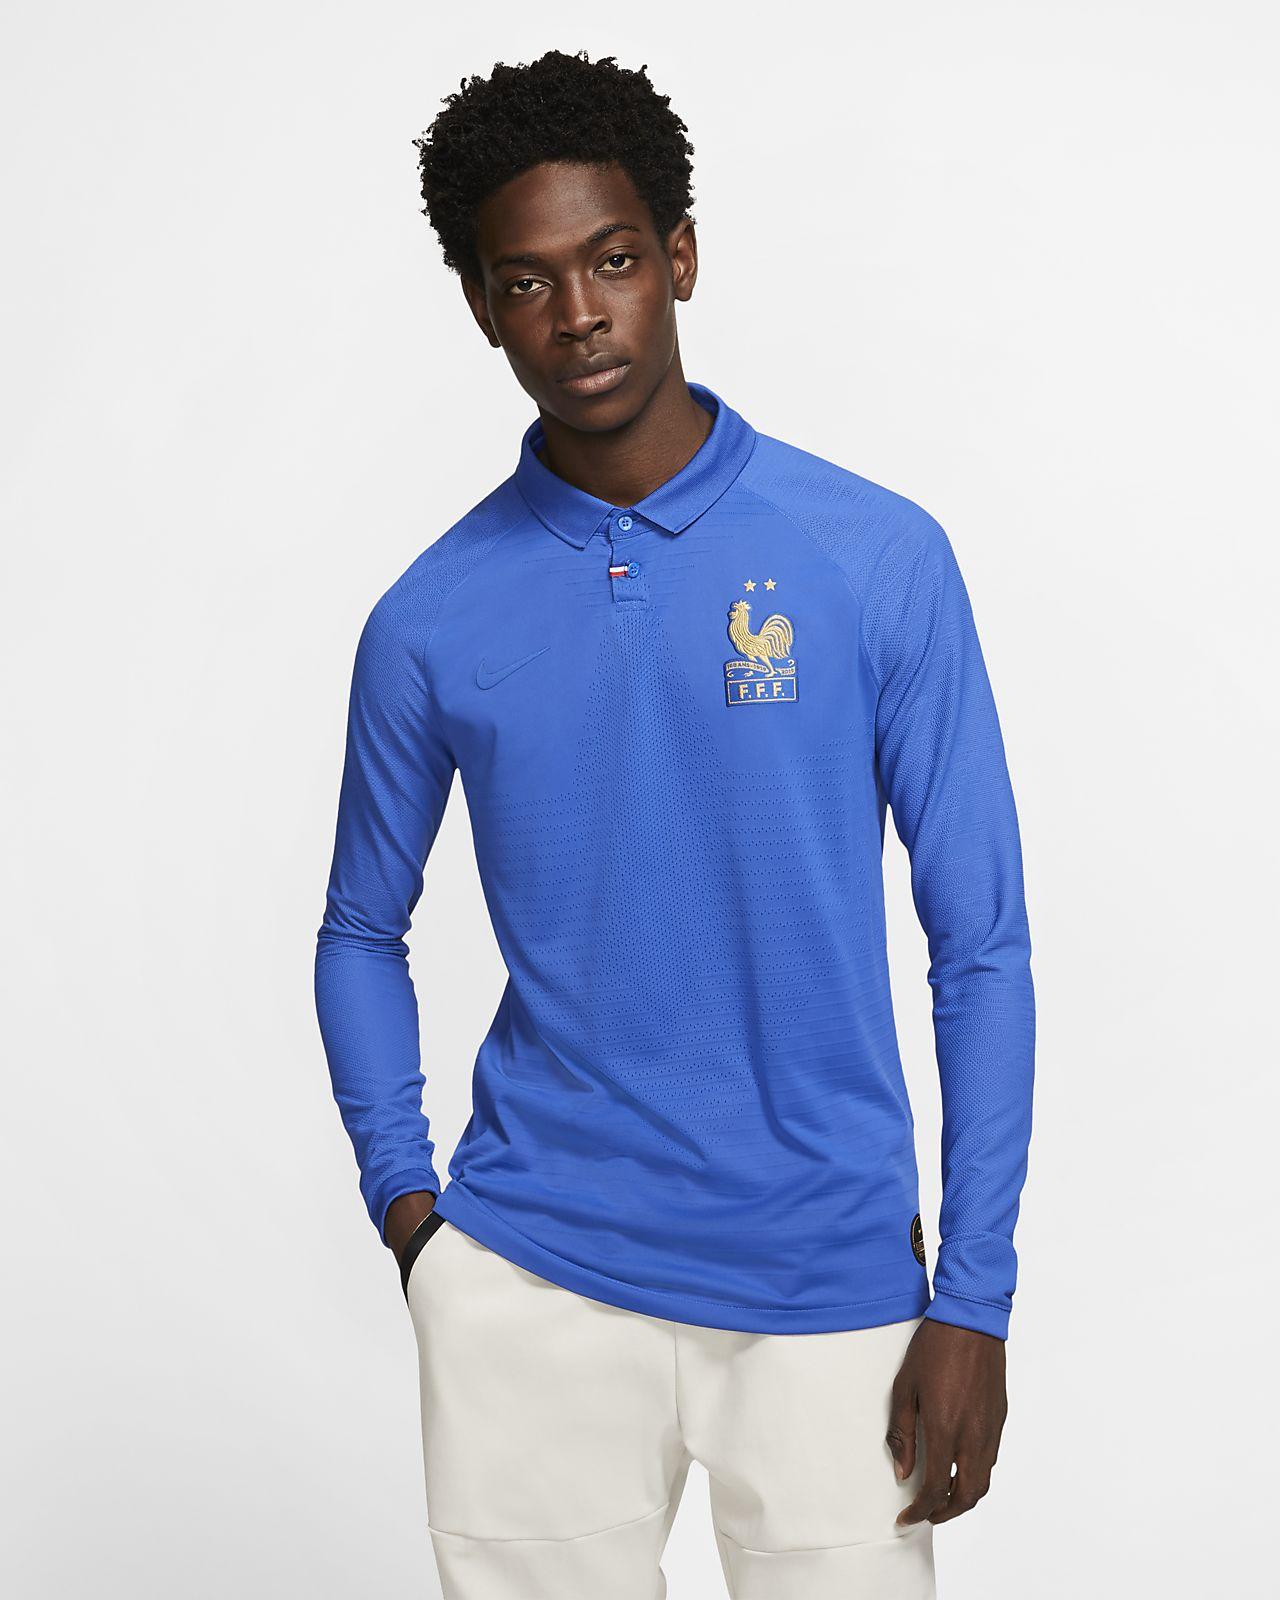 36754458 FFF Vapor Match Centennial Men's Long-Sleeve Shirt. Nike.com AU